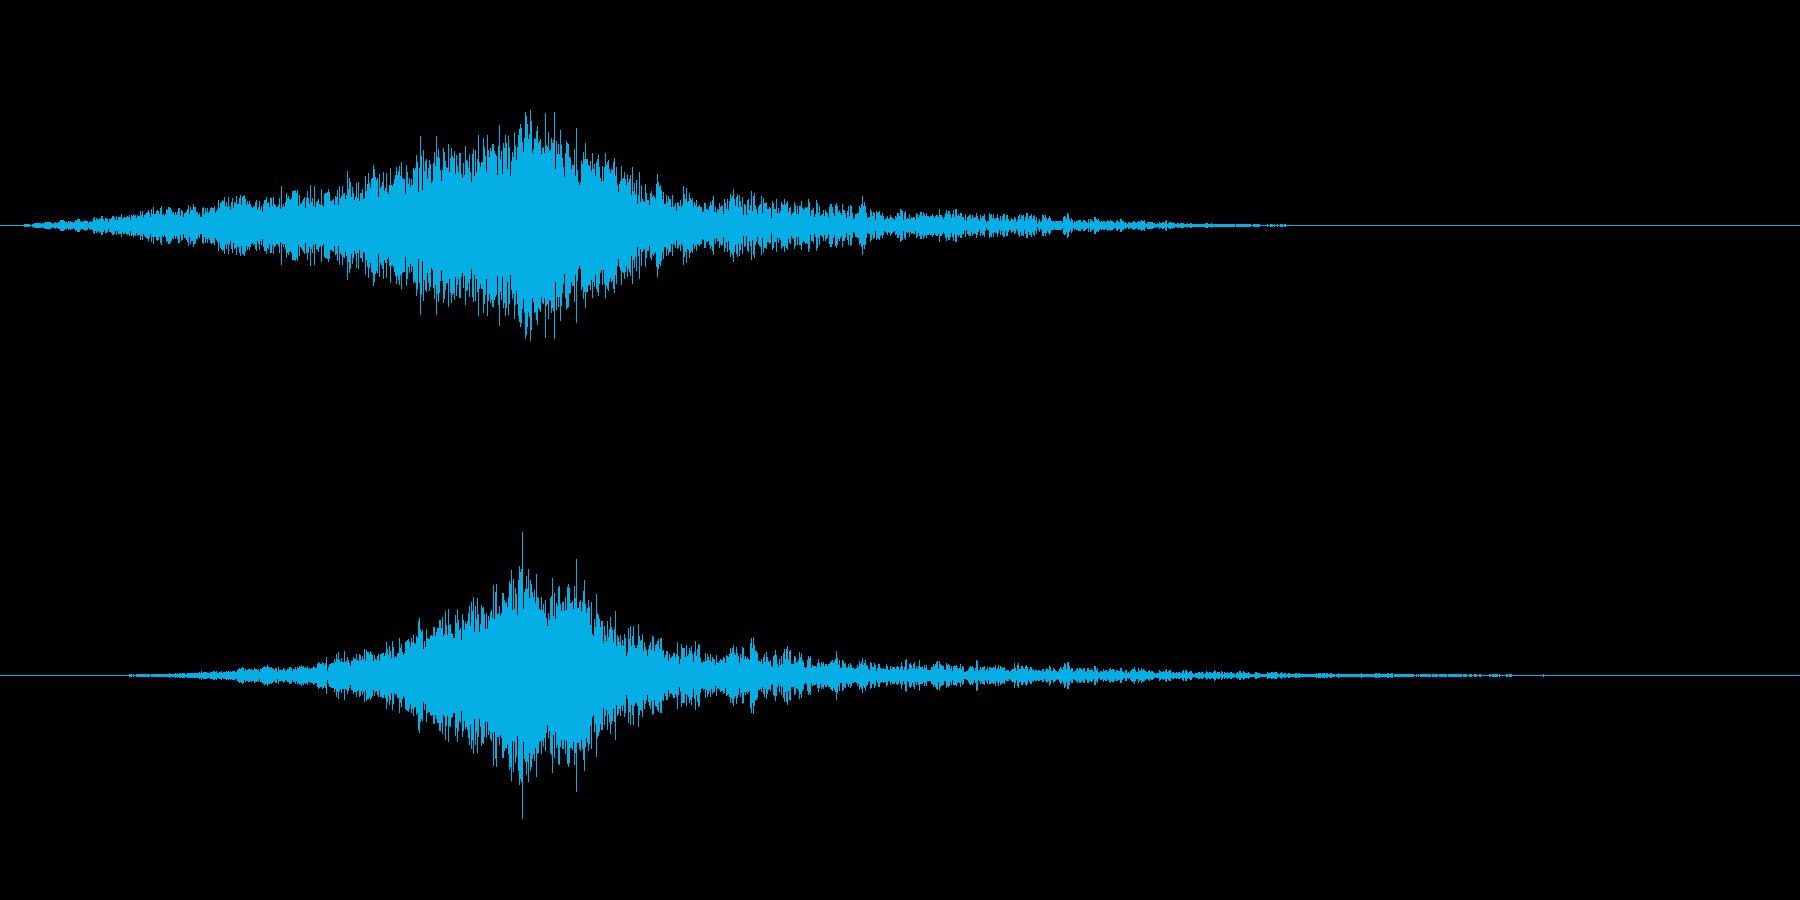 映画でよくあるライズヒットサウンドロゴ3の再生済みの波形